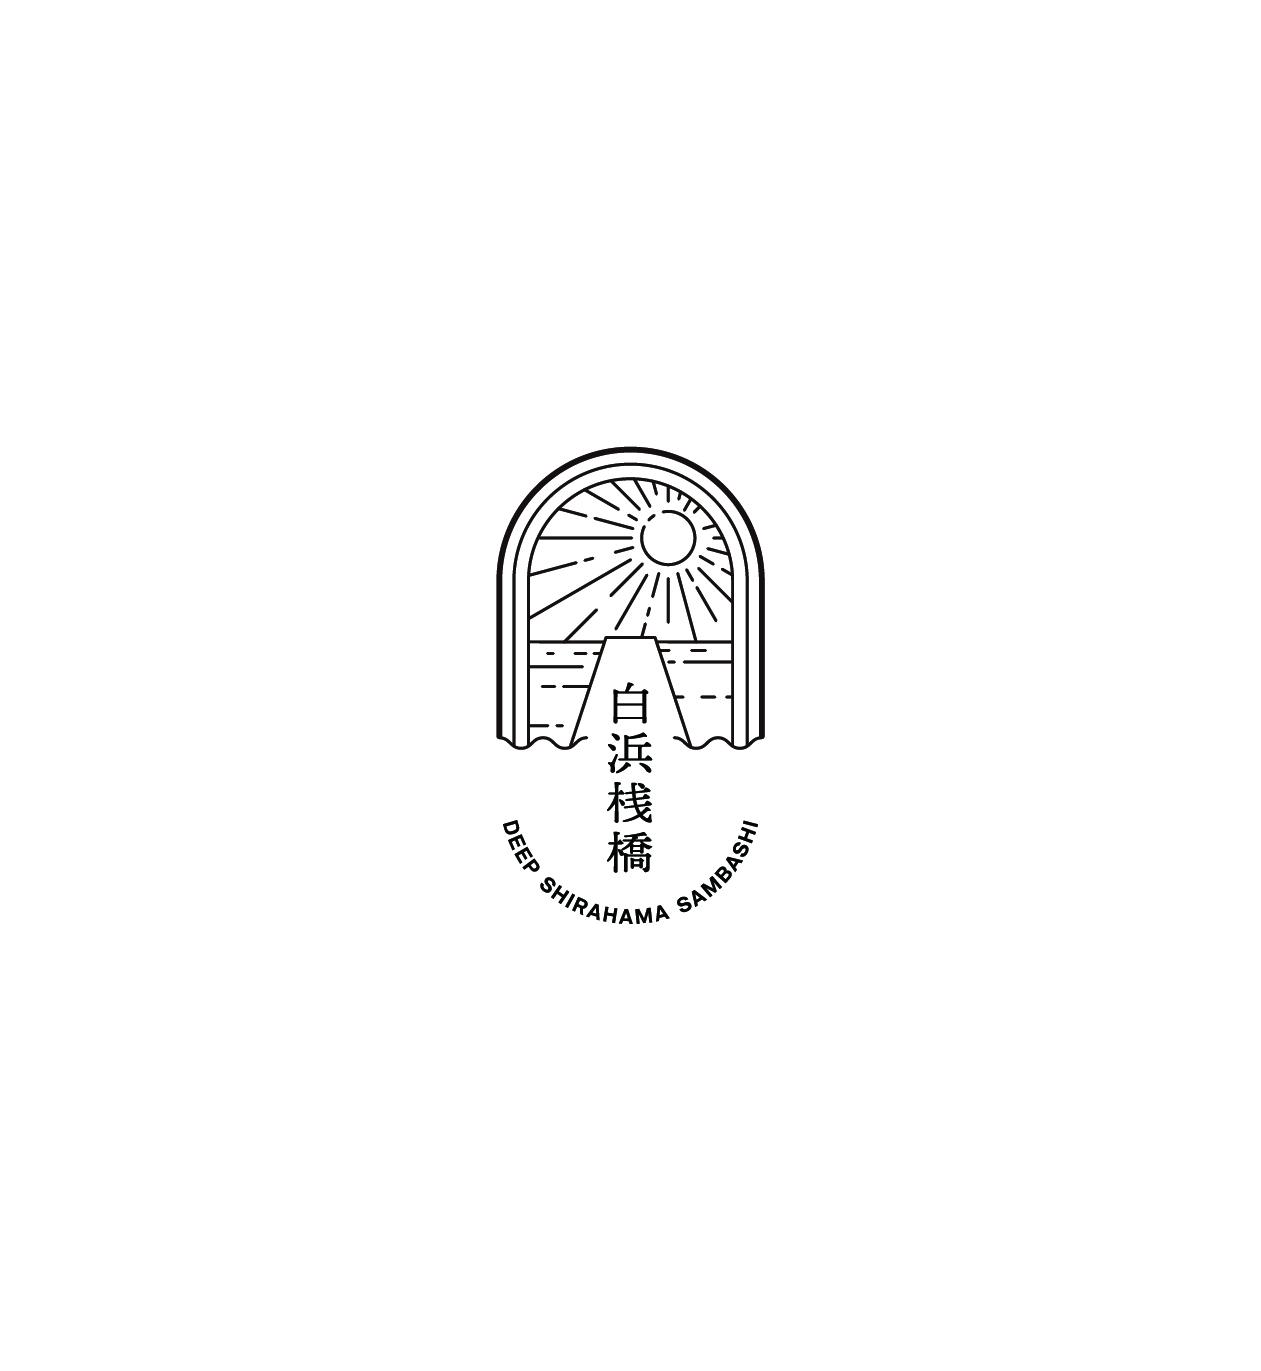 SAMBASHI_mono